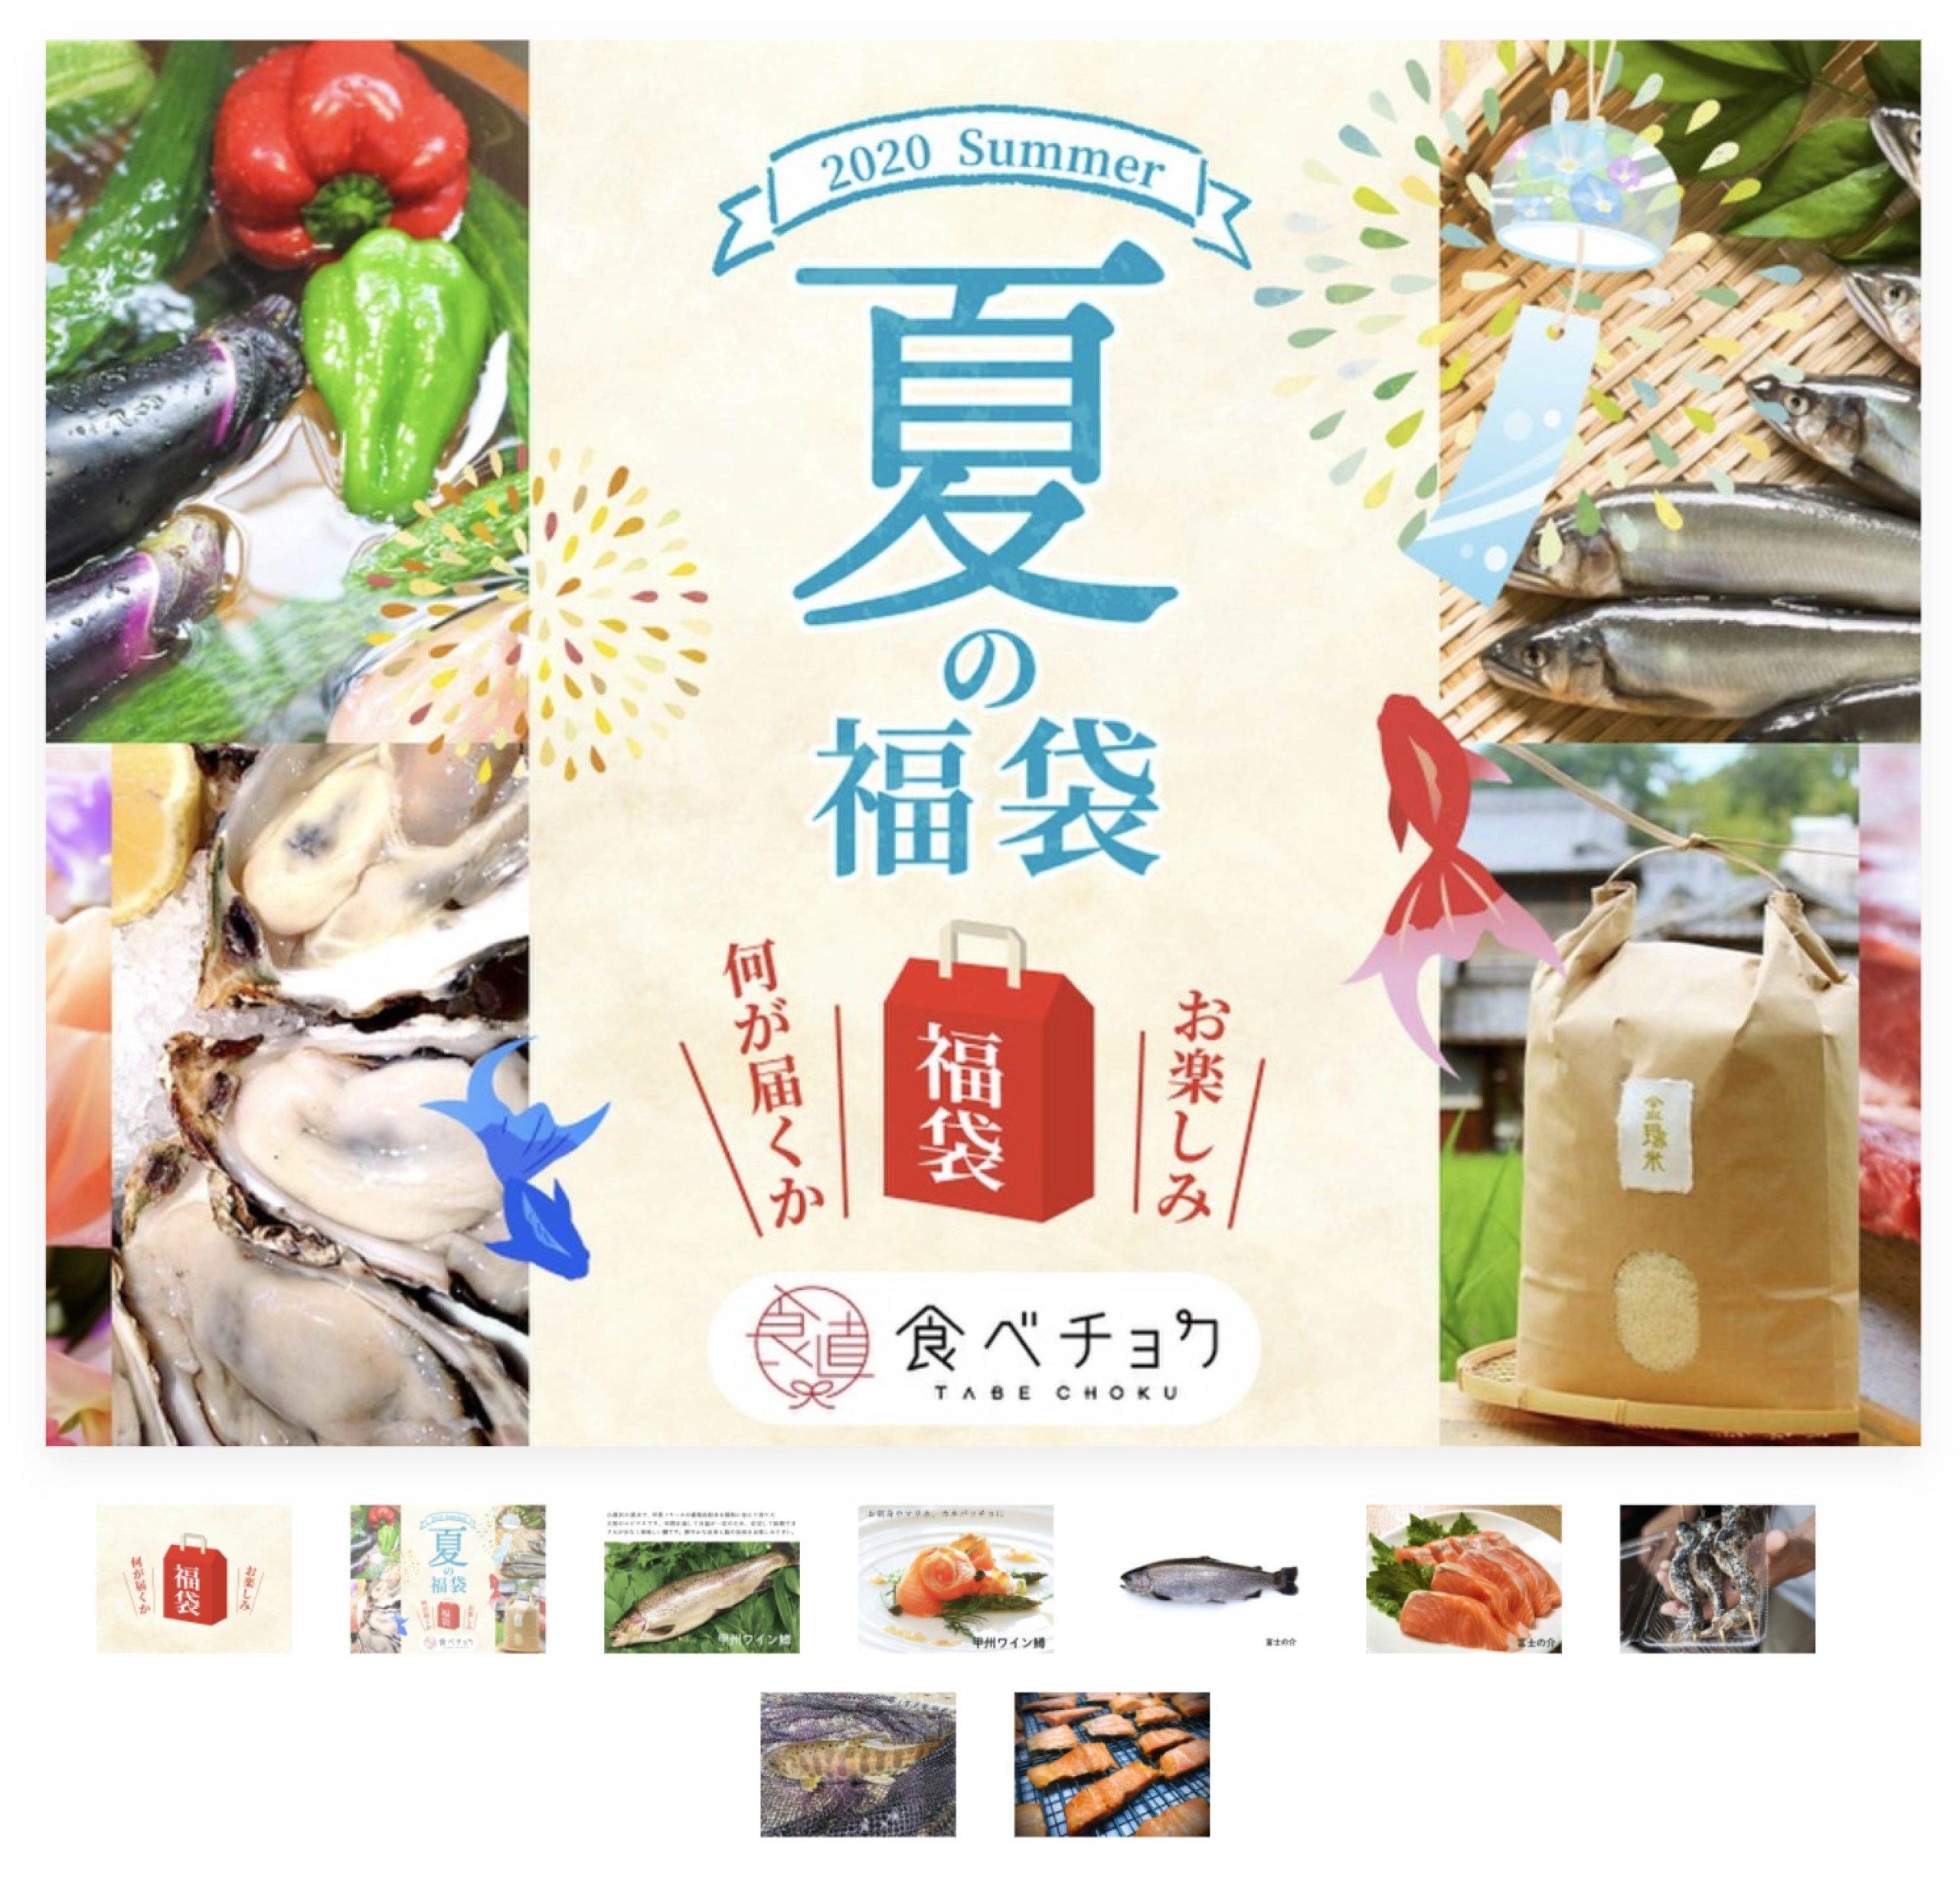 食べチョクにて【夏の川魚福袋】を販売中!